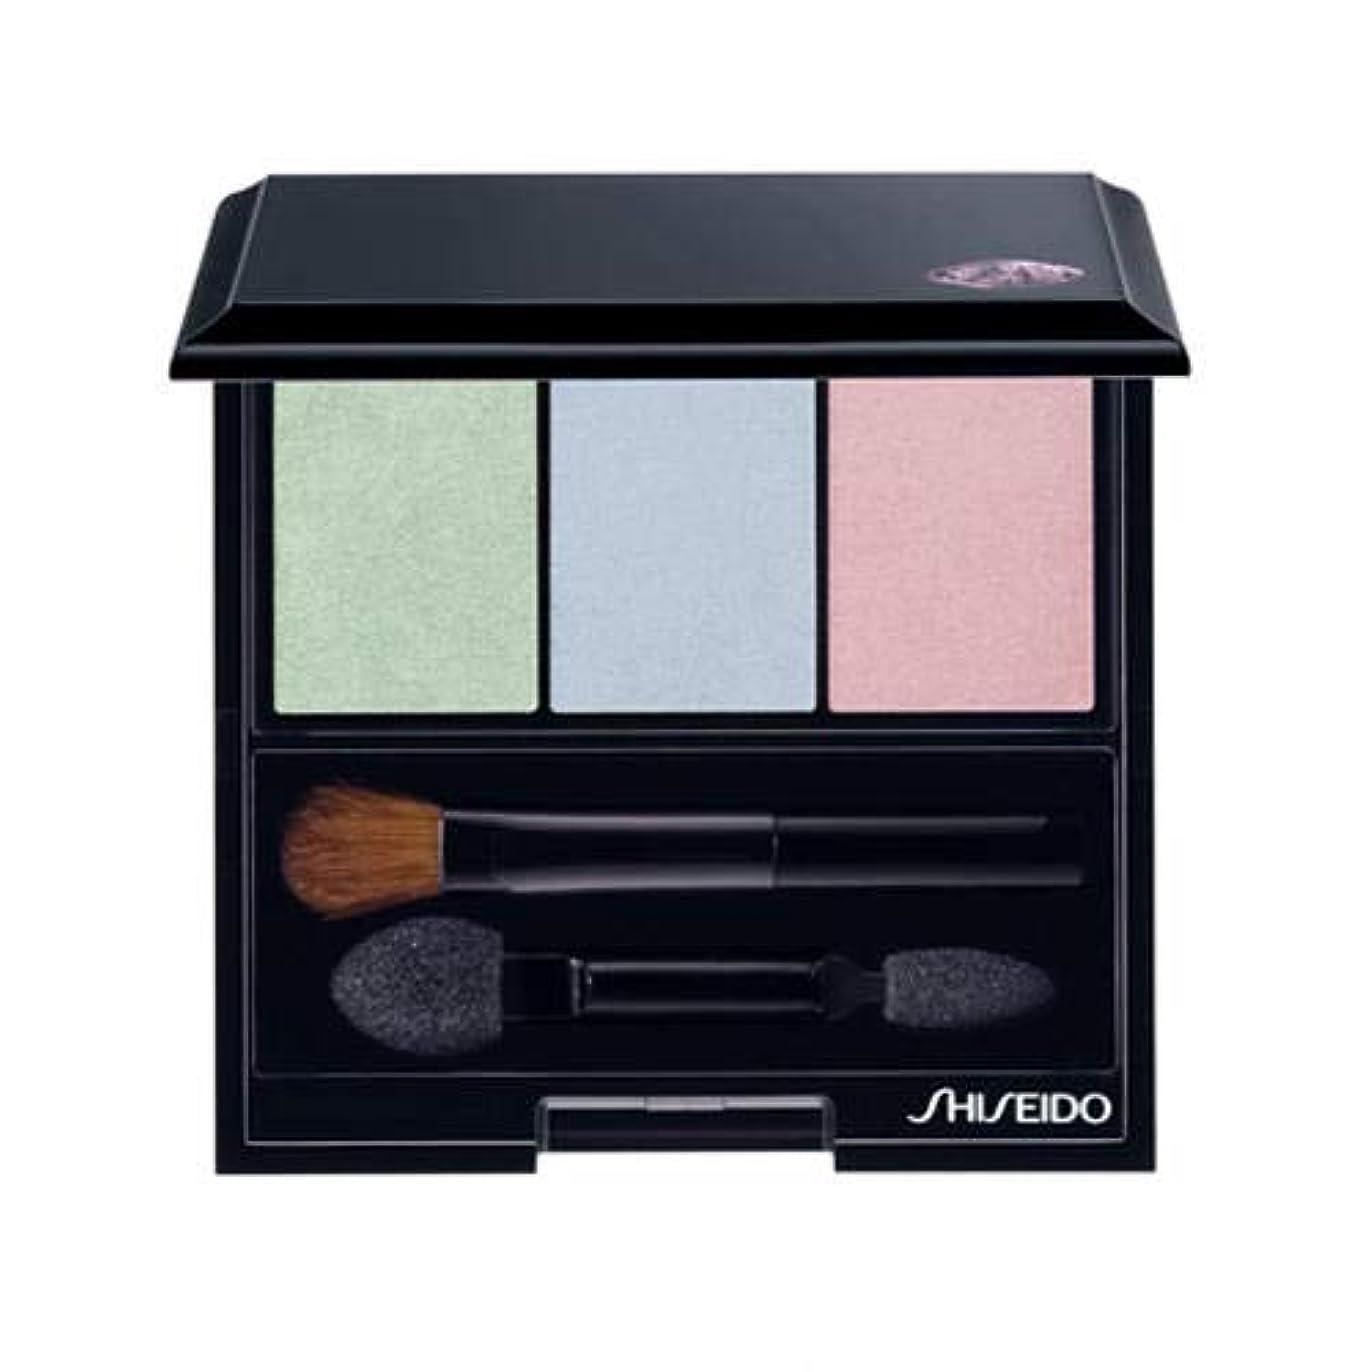 進化する同行白い資生堂 ルミナイジング サテン アイカラー トリオ BL215(Shiseido Luminizing Satin Eye Color Trio BL215) [並行輸入品]